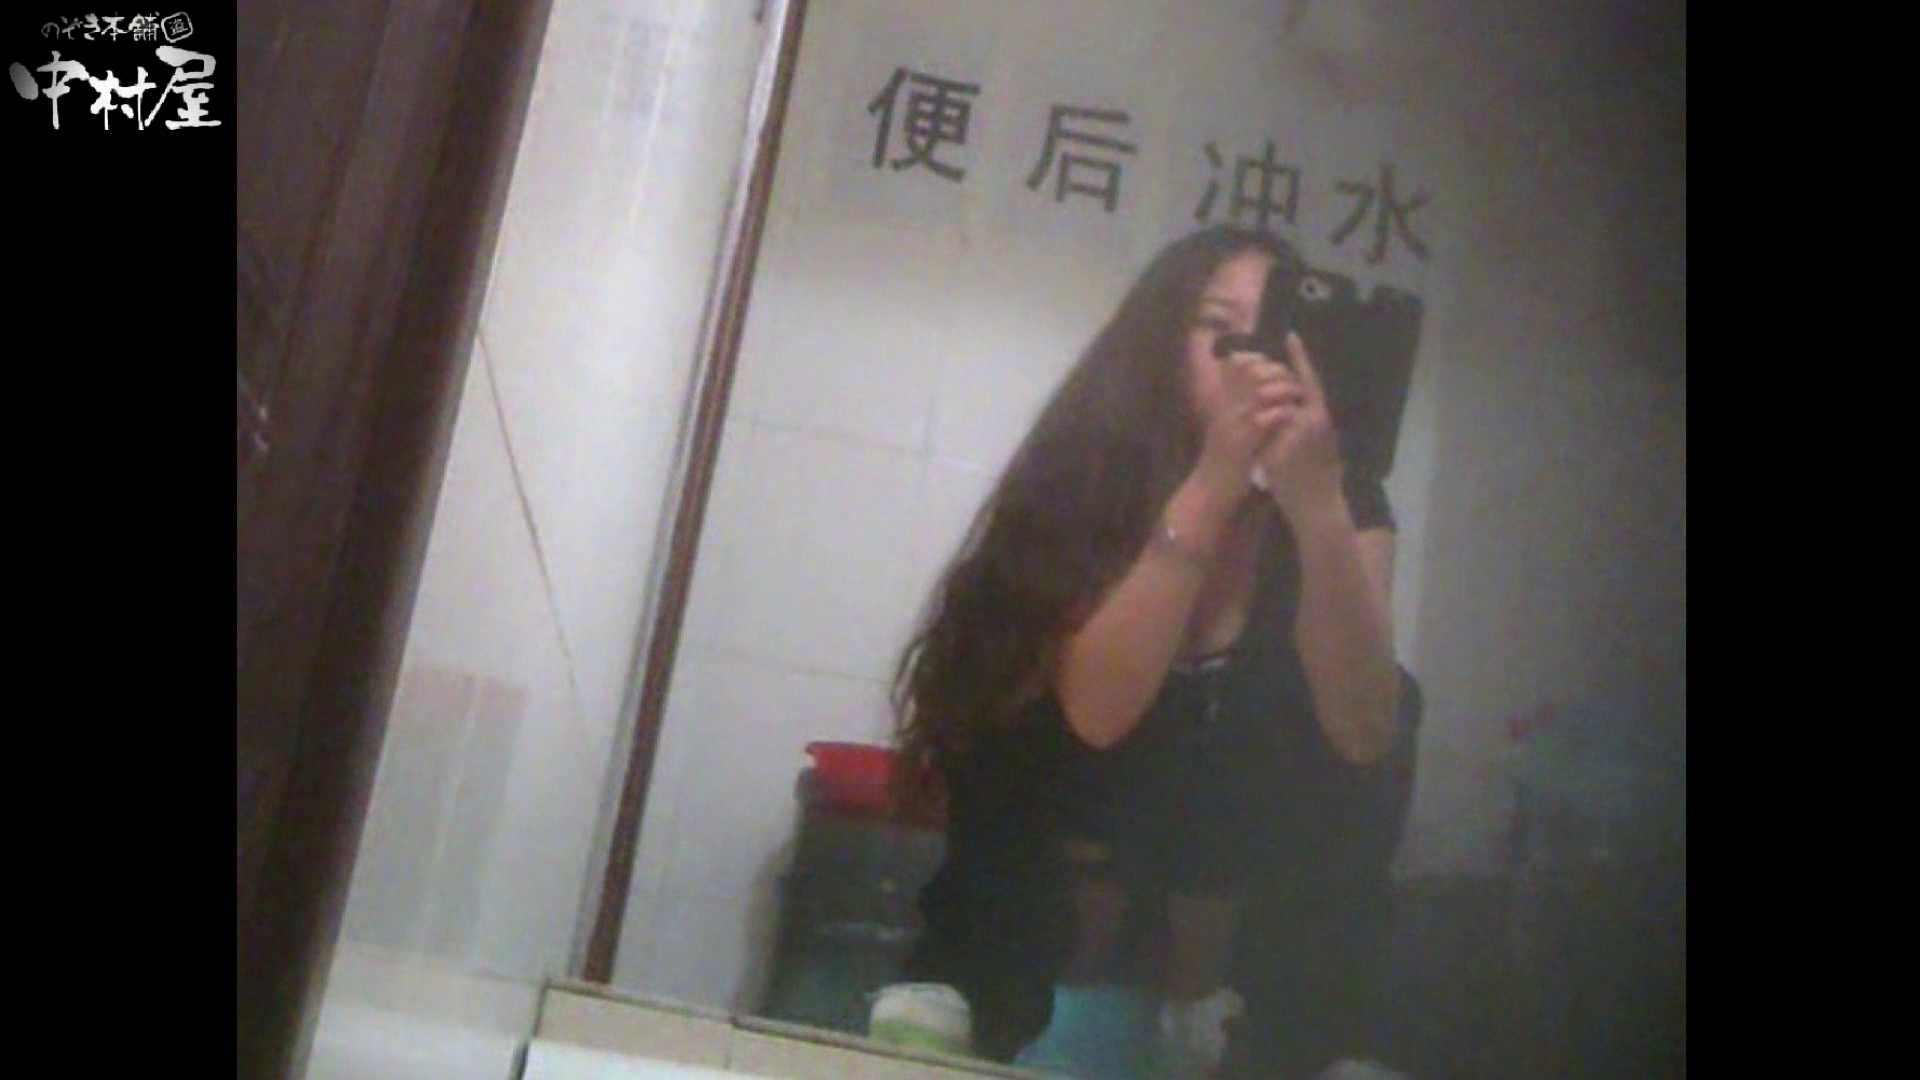 李さんの盗撮日記 Vol.03 トイレの中の女の子 セックス画像 77連発 58